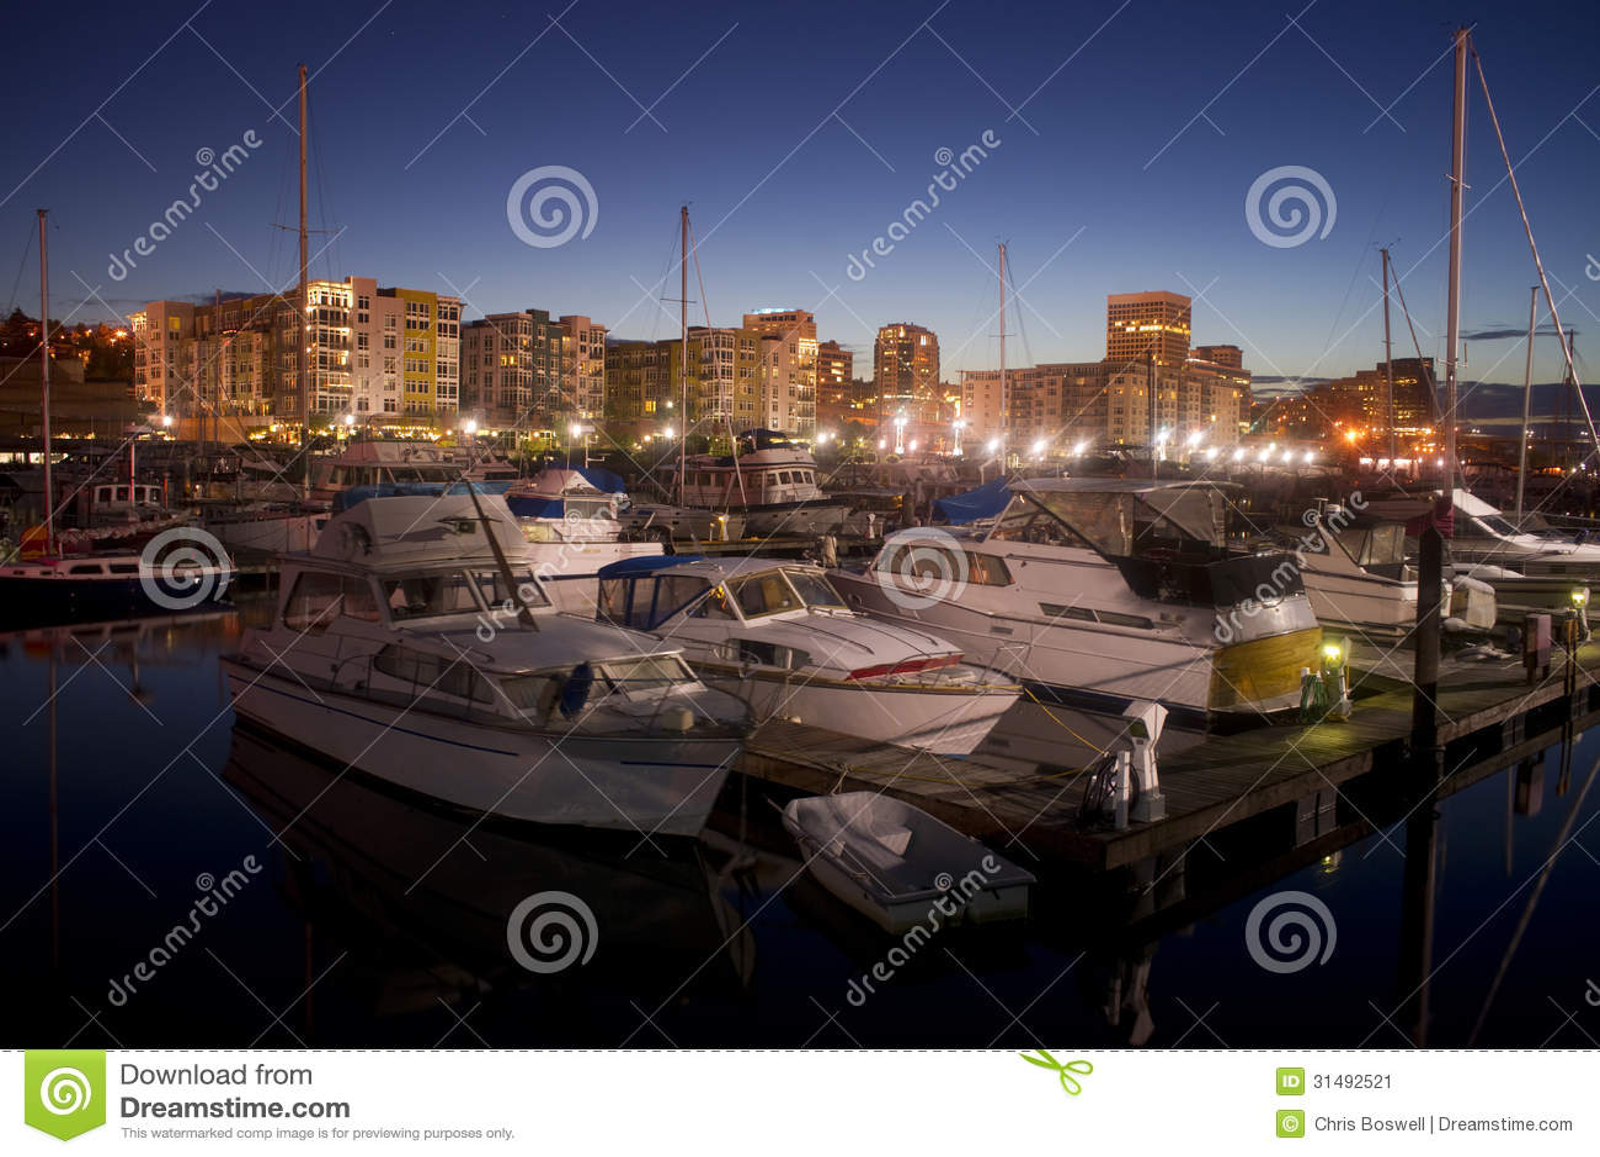 La noche cae en los barcos amarrados Marina Thea Foss Waterway Tacoma